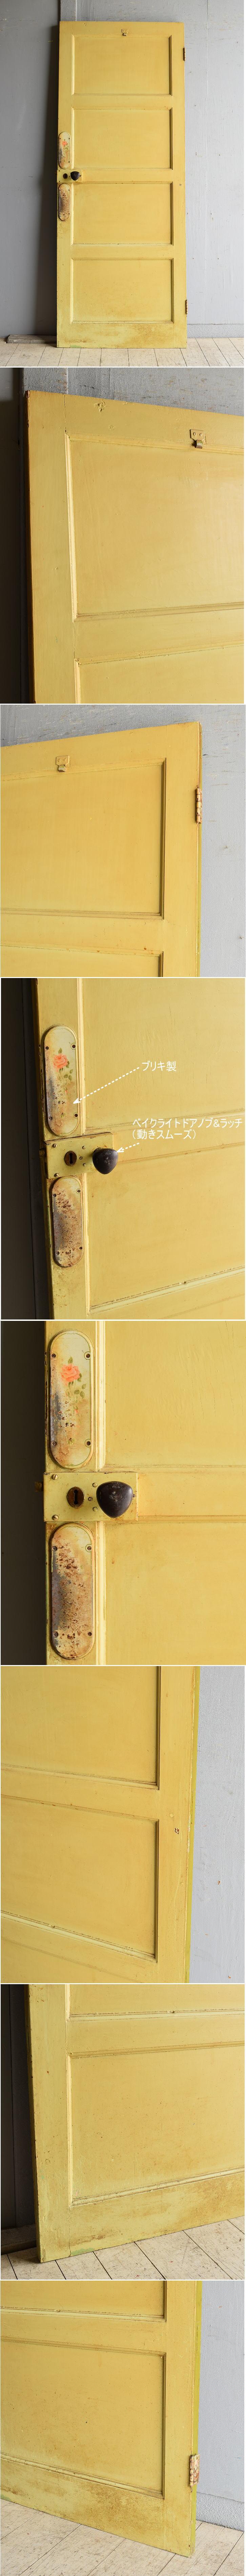 イギリス アンティーク ドア 扉 建具 8417